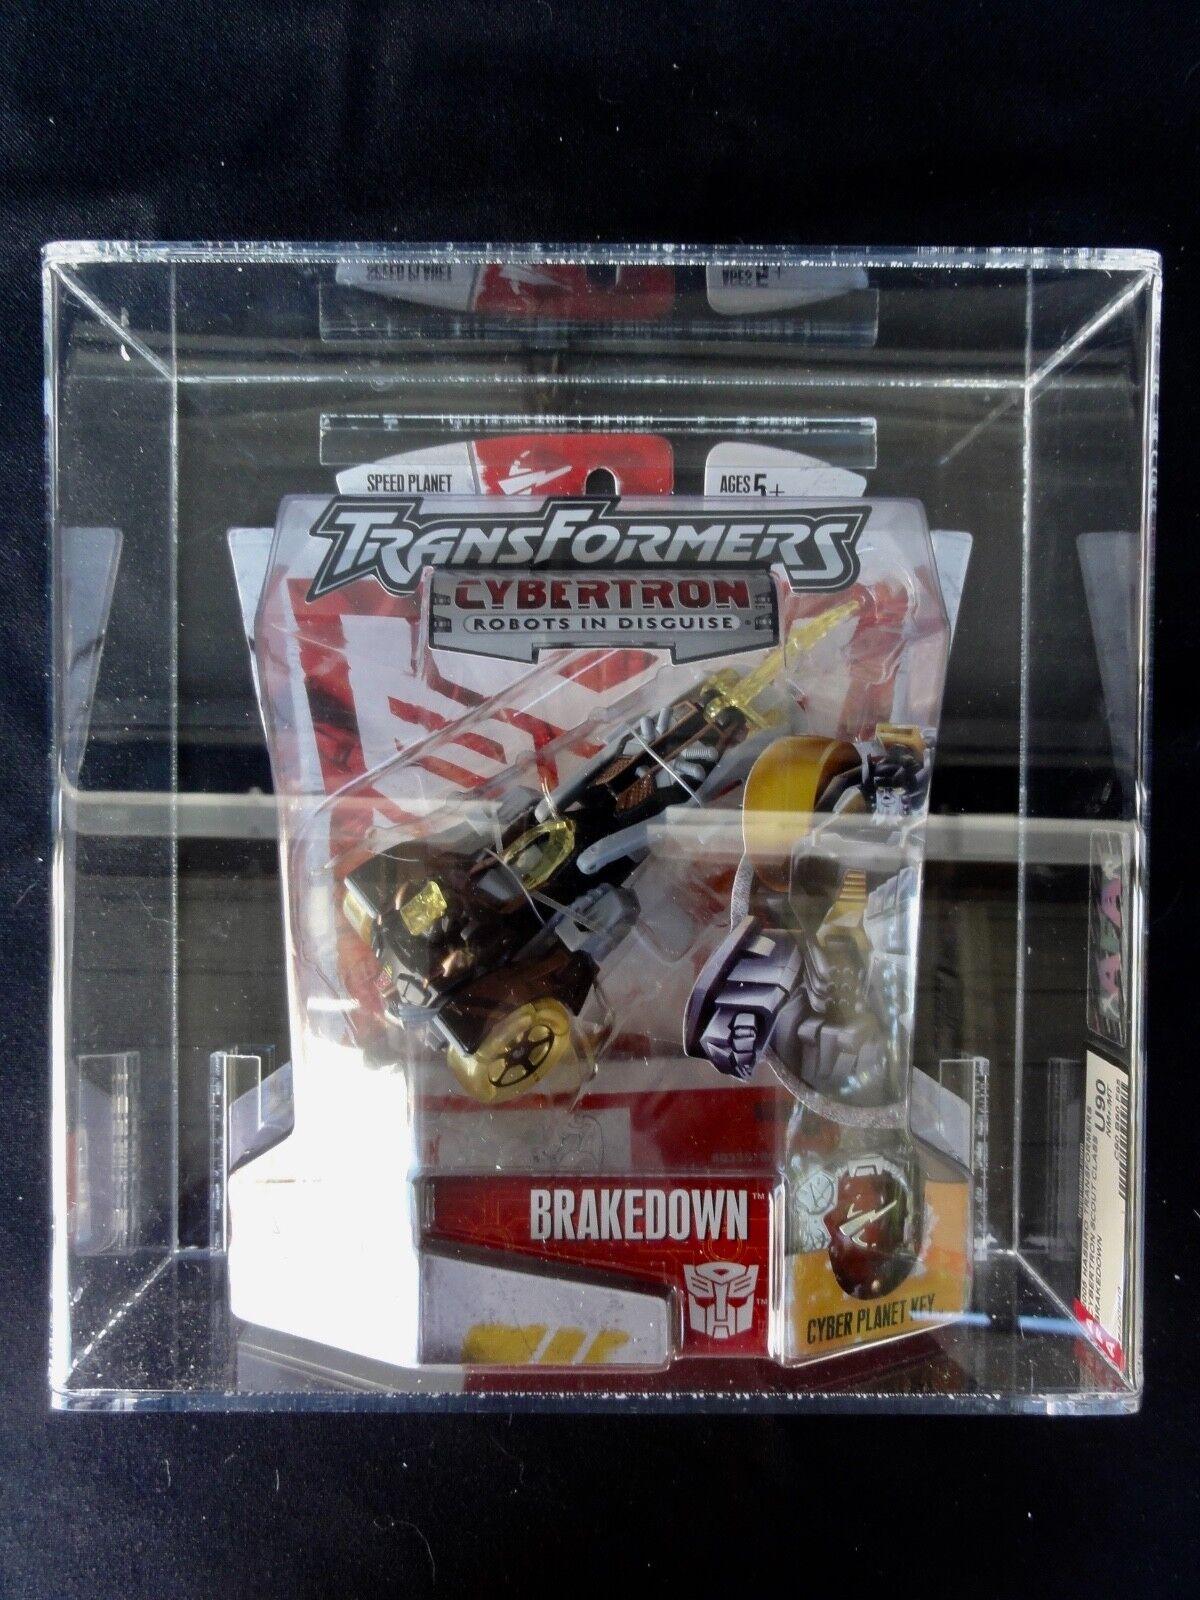 2005 personaggi Transformers autorità Cybertron ripartizione NASTRO SIGILLATO Nuovo di zecca in scatola sigillata scatola Nuovo di zecca con scatola